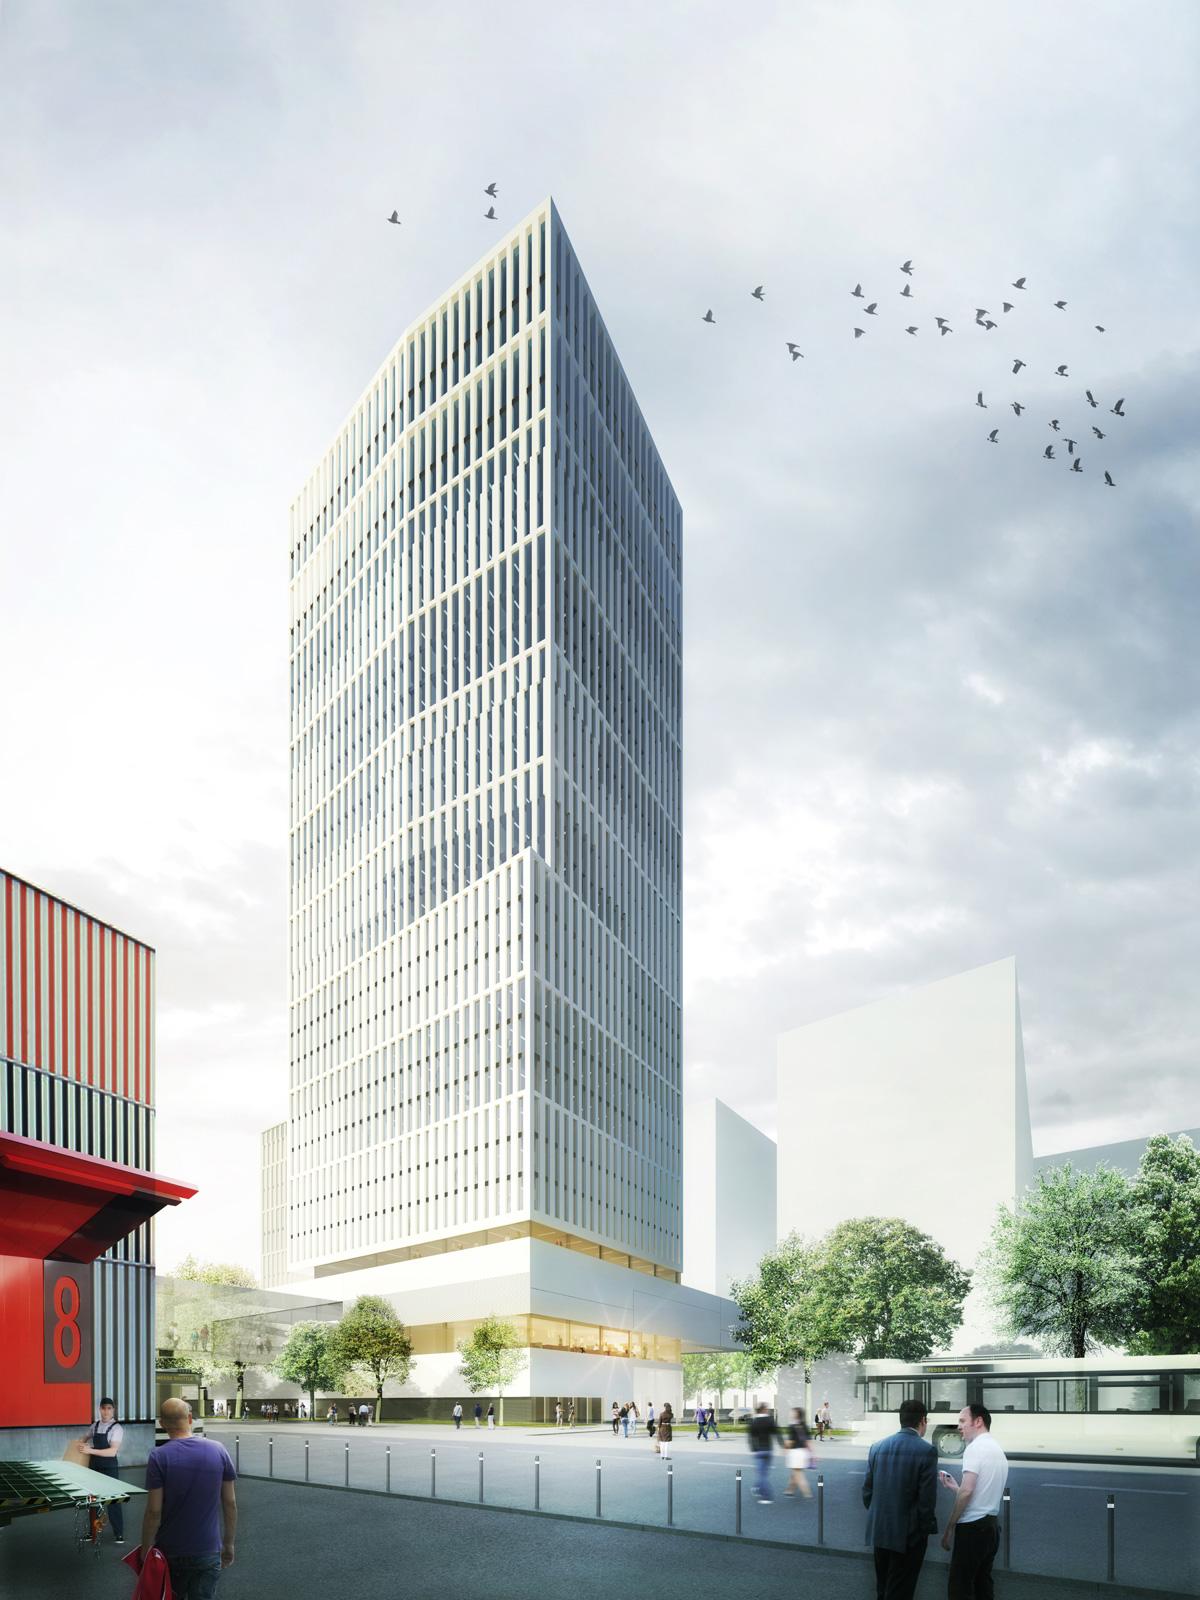 Bild: http://www.deutsches-architektur-forum.de/pics/schmittchen/messeeingang_sued_mit_hochhaus_cma_2.jpg